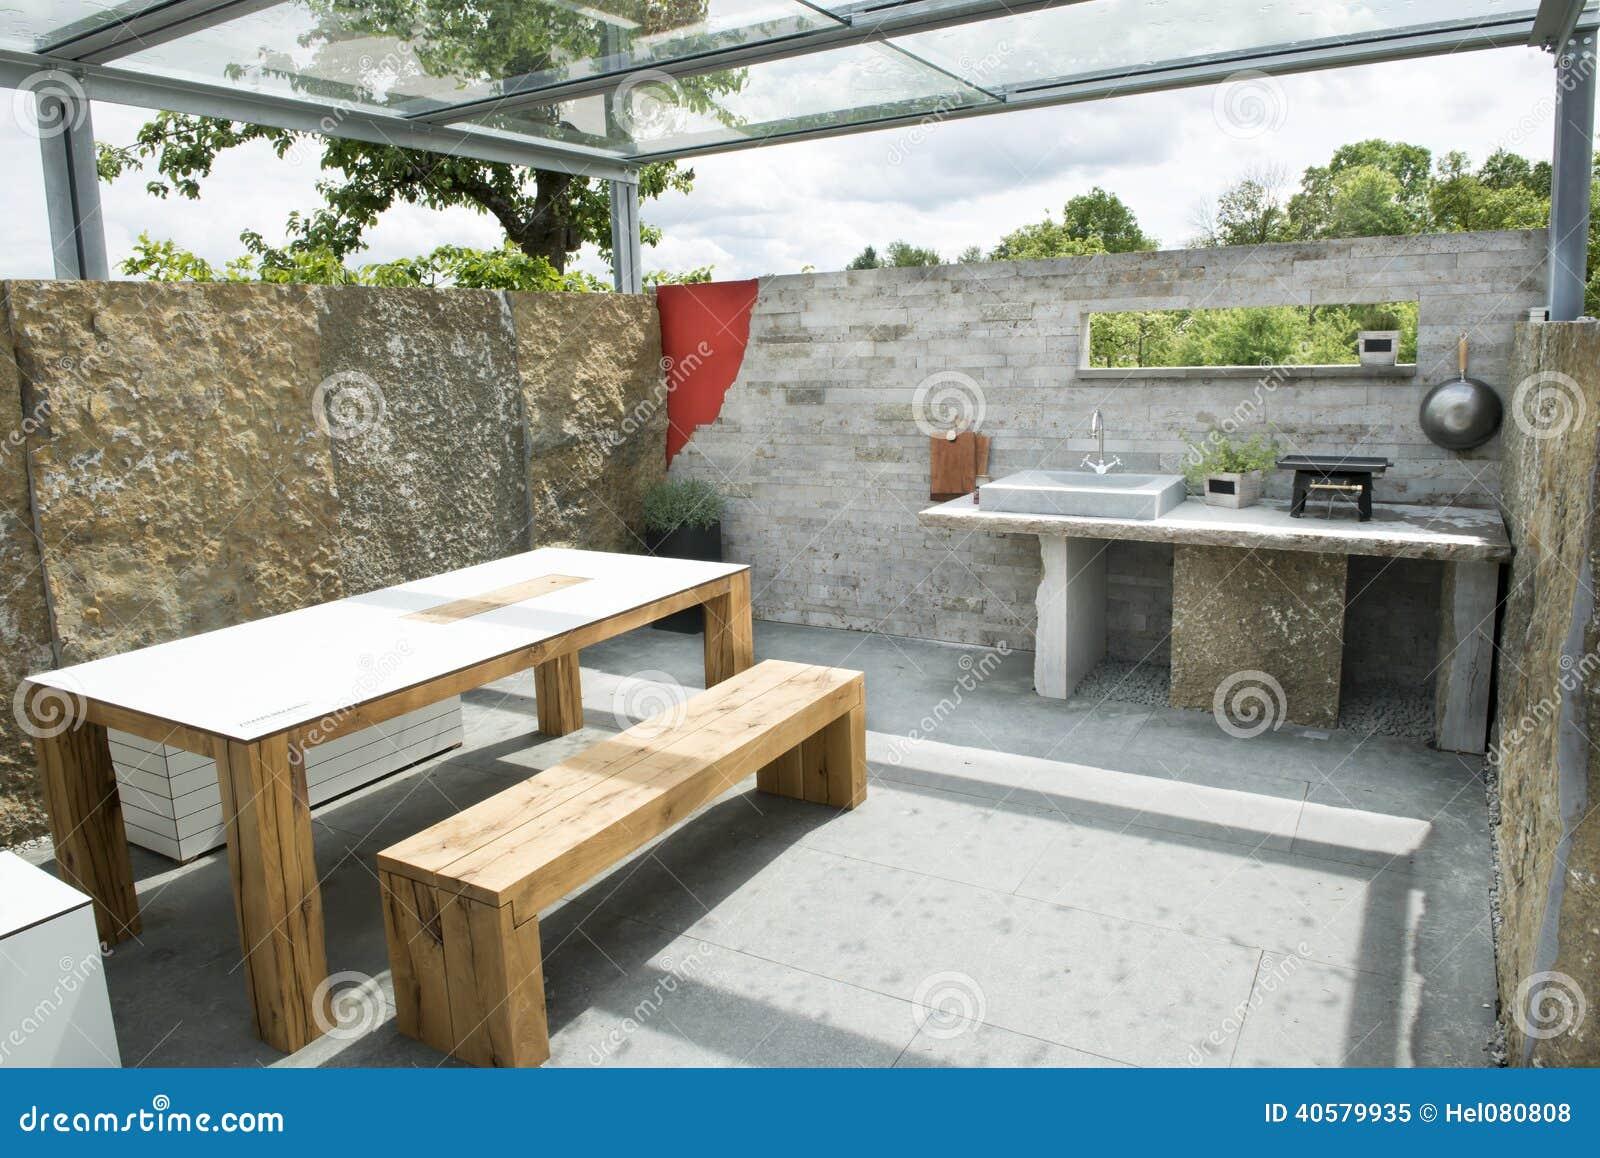 Cucina esterna immagine stock immagine di terrazzo - Griglia da cucina ...